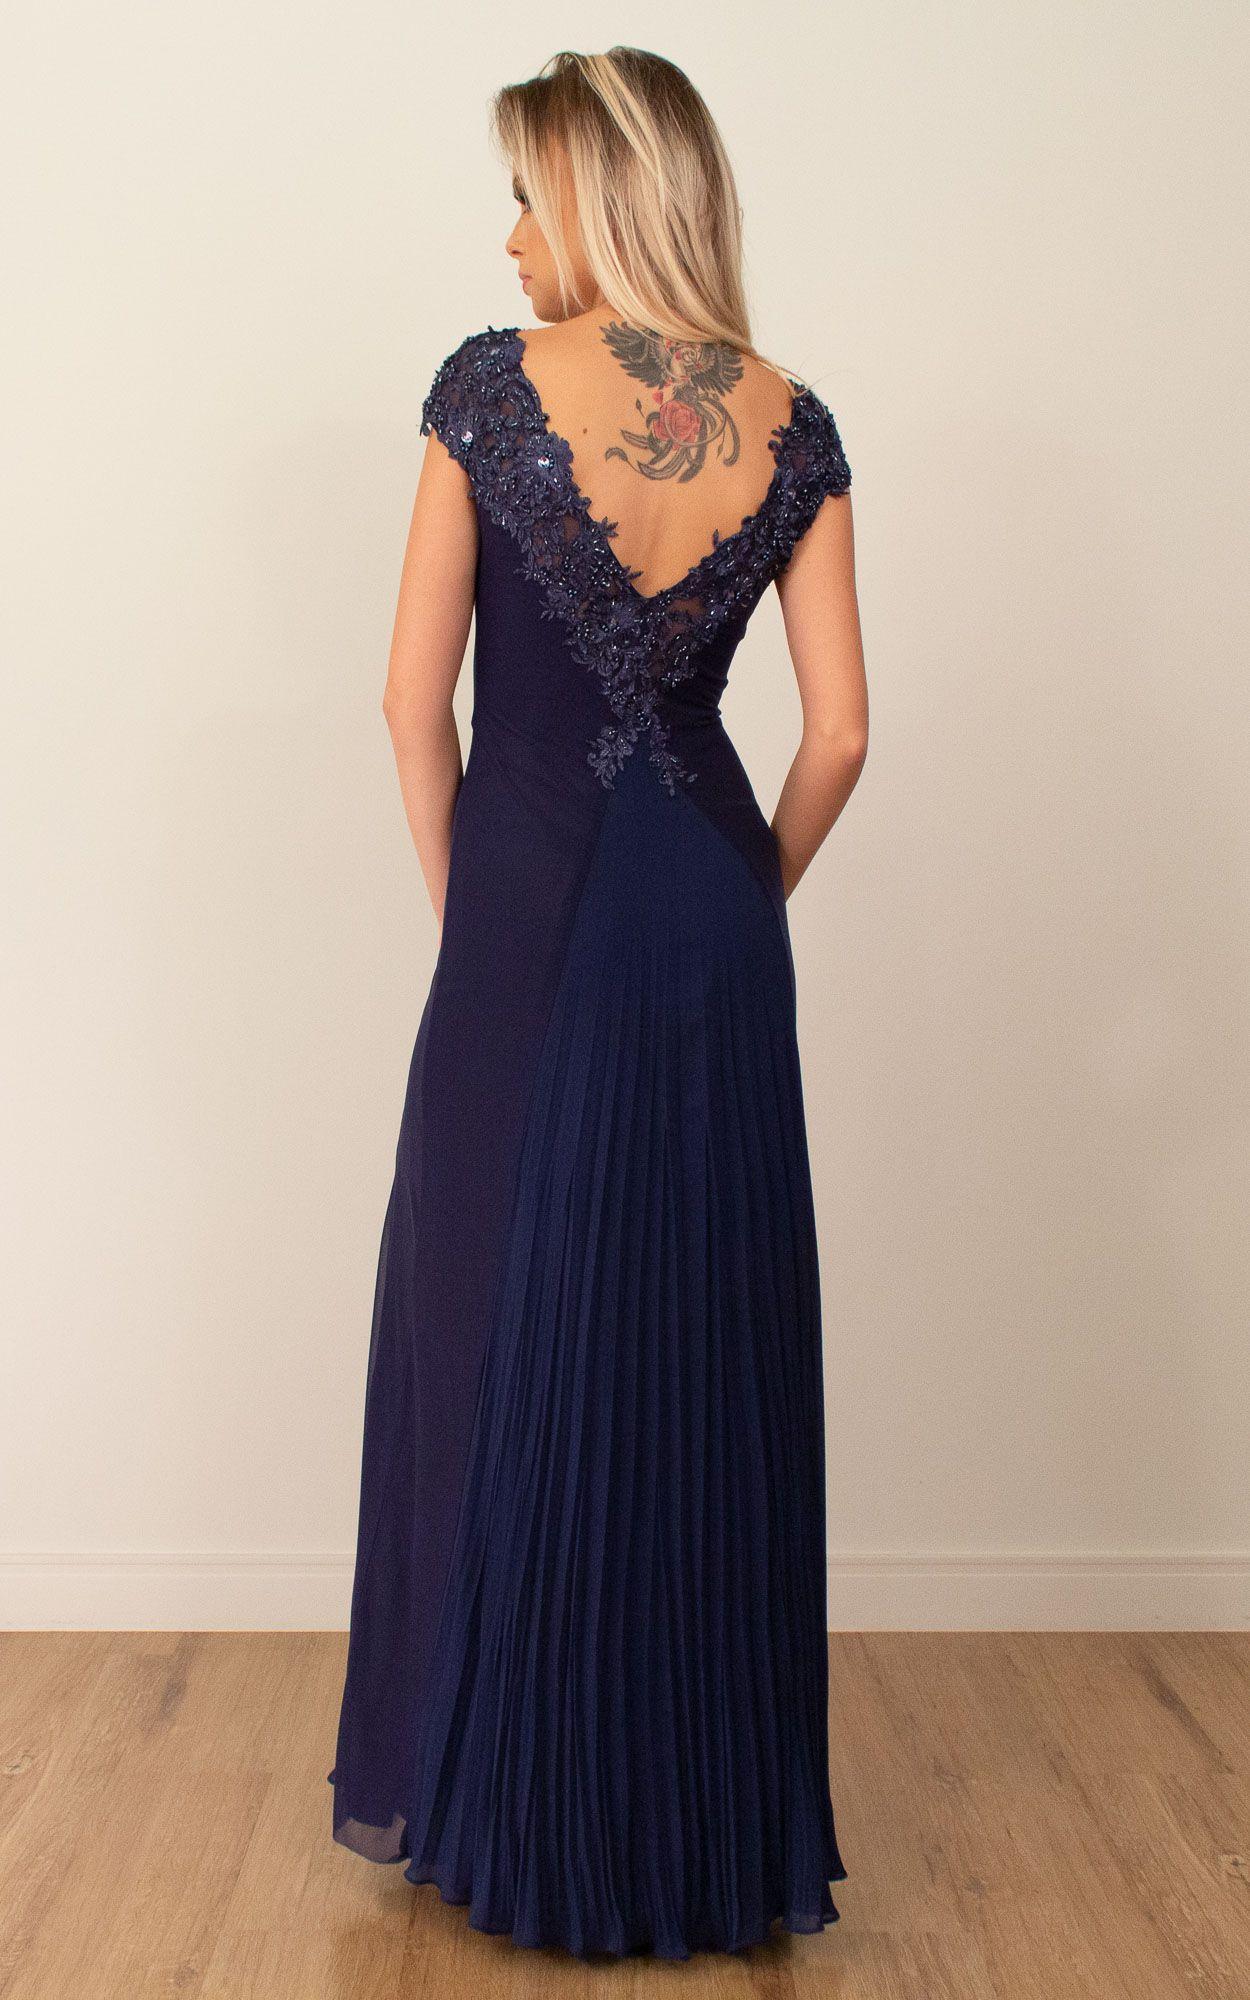 Vestido longo com detalhes em bordados e pedrarias